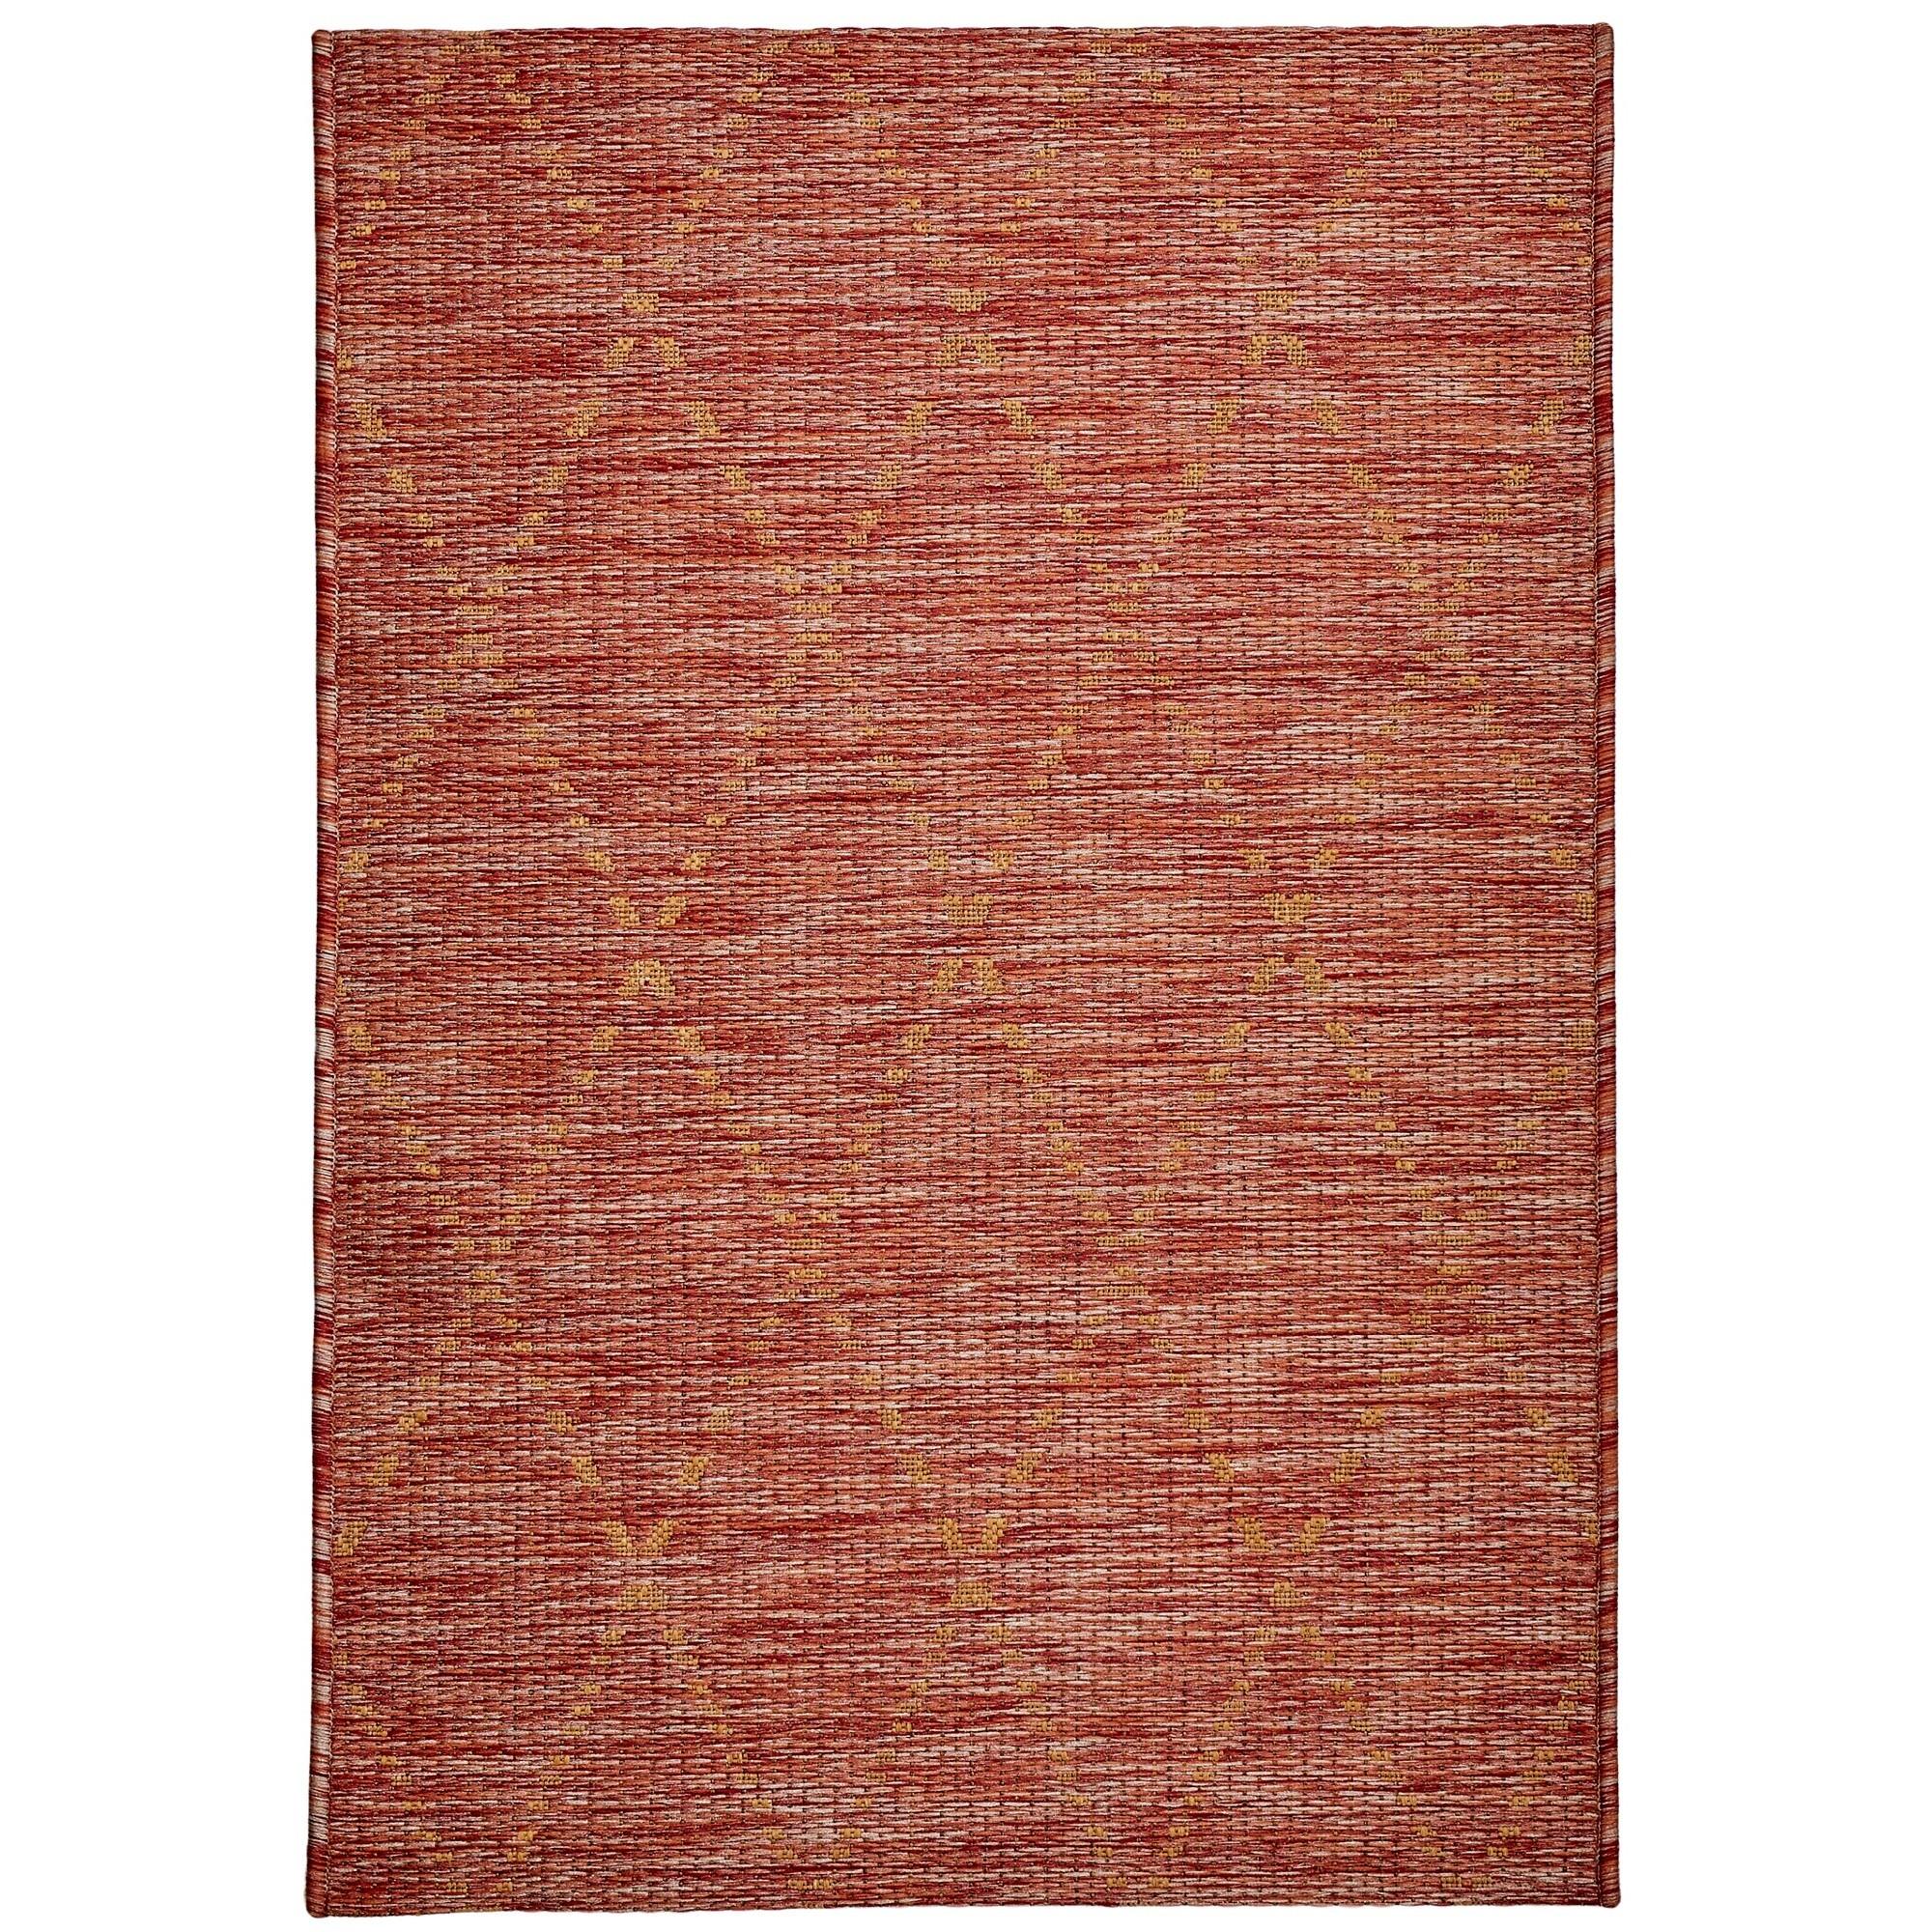 Magic No.301 Modern Tribal Indoor / Outdoor Rug, 290x200cm, Red